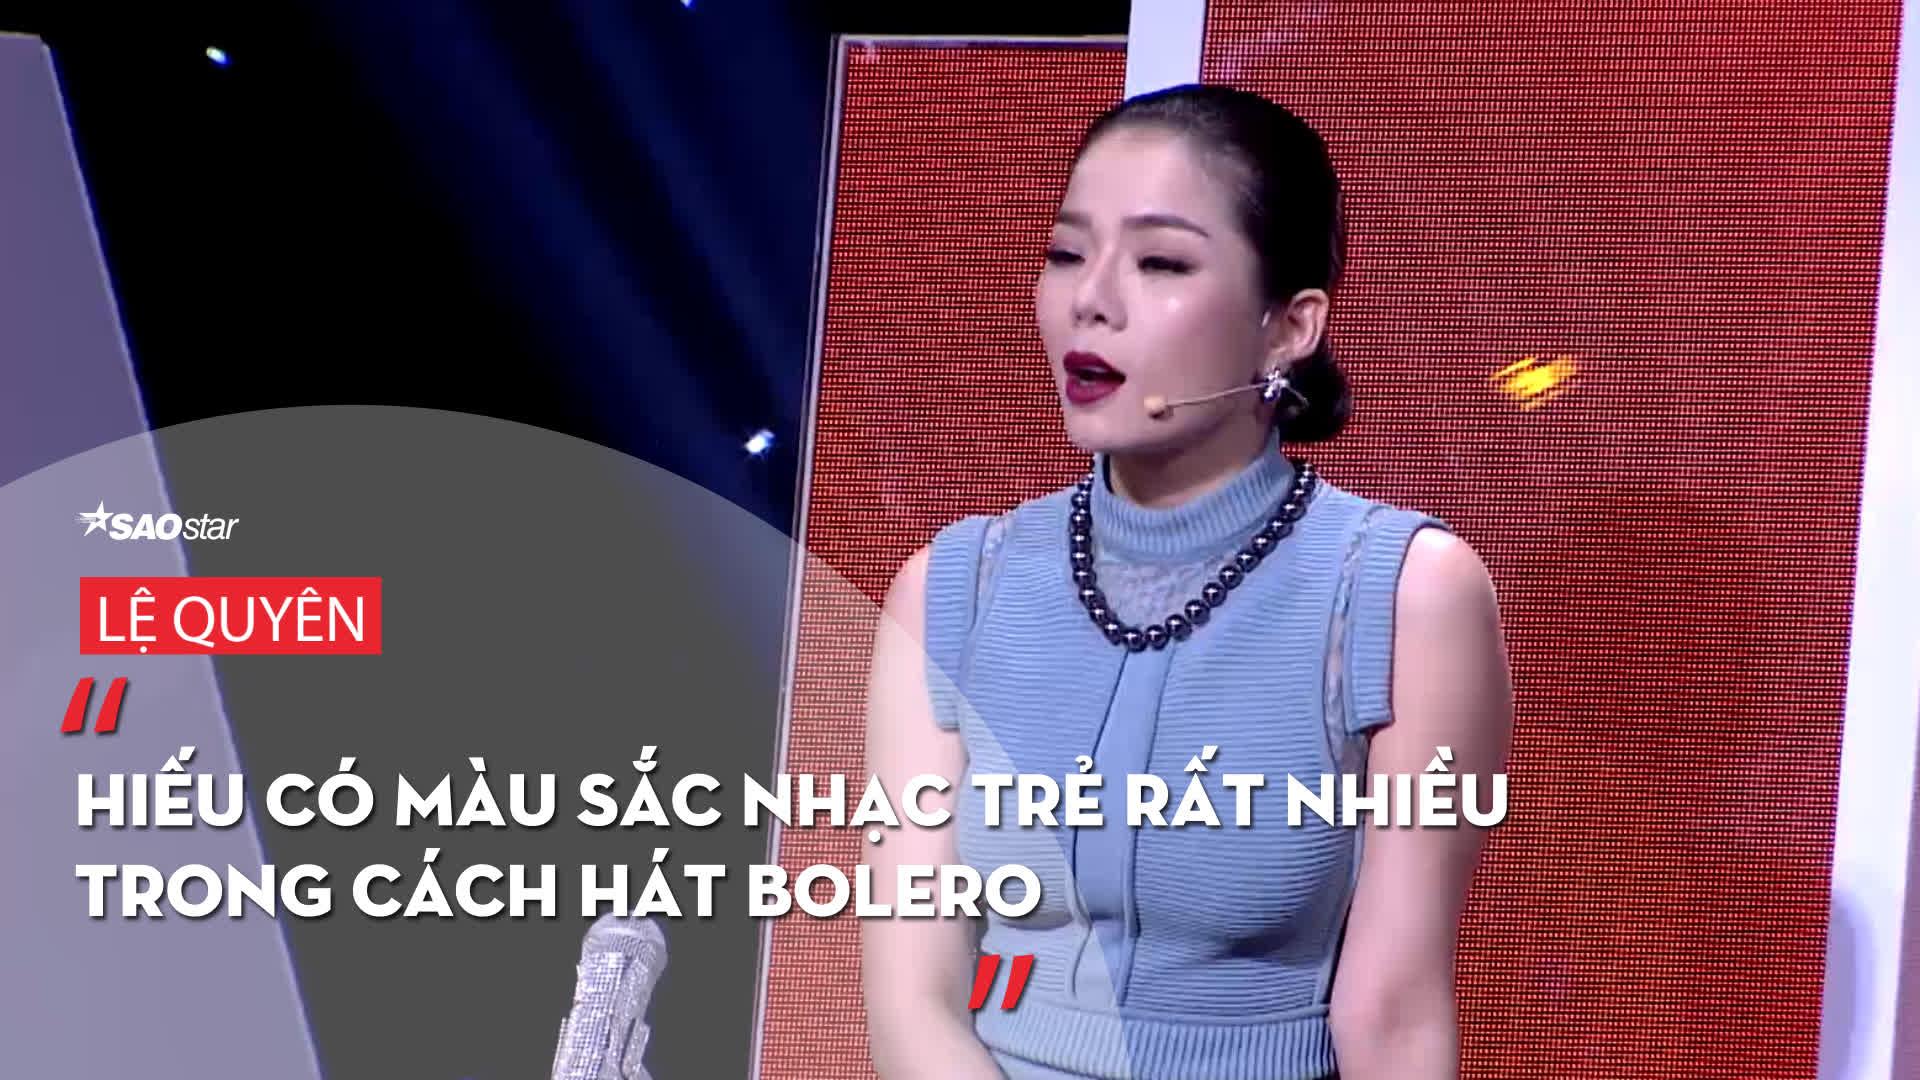 Lần đầu tiên, giọng ca Opera thể hiện Bolero ngọt ngào khiến Đàm Vĩnh Hưng và Lệ Quyên ra sức tranh giành